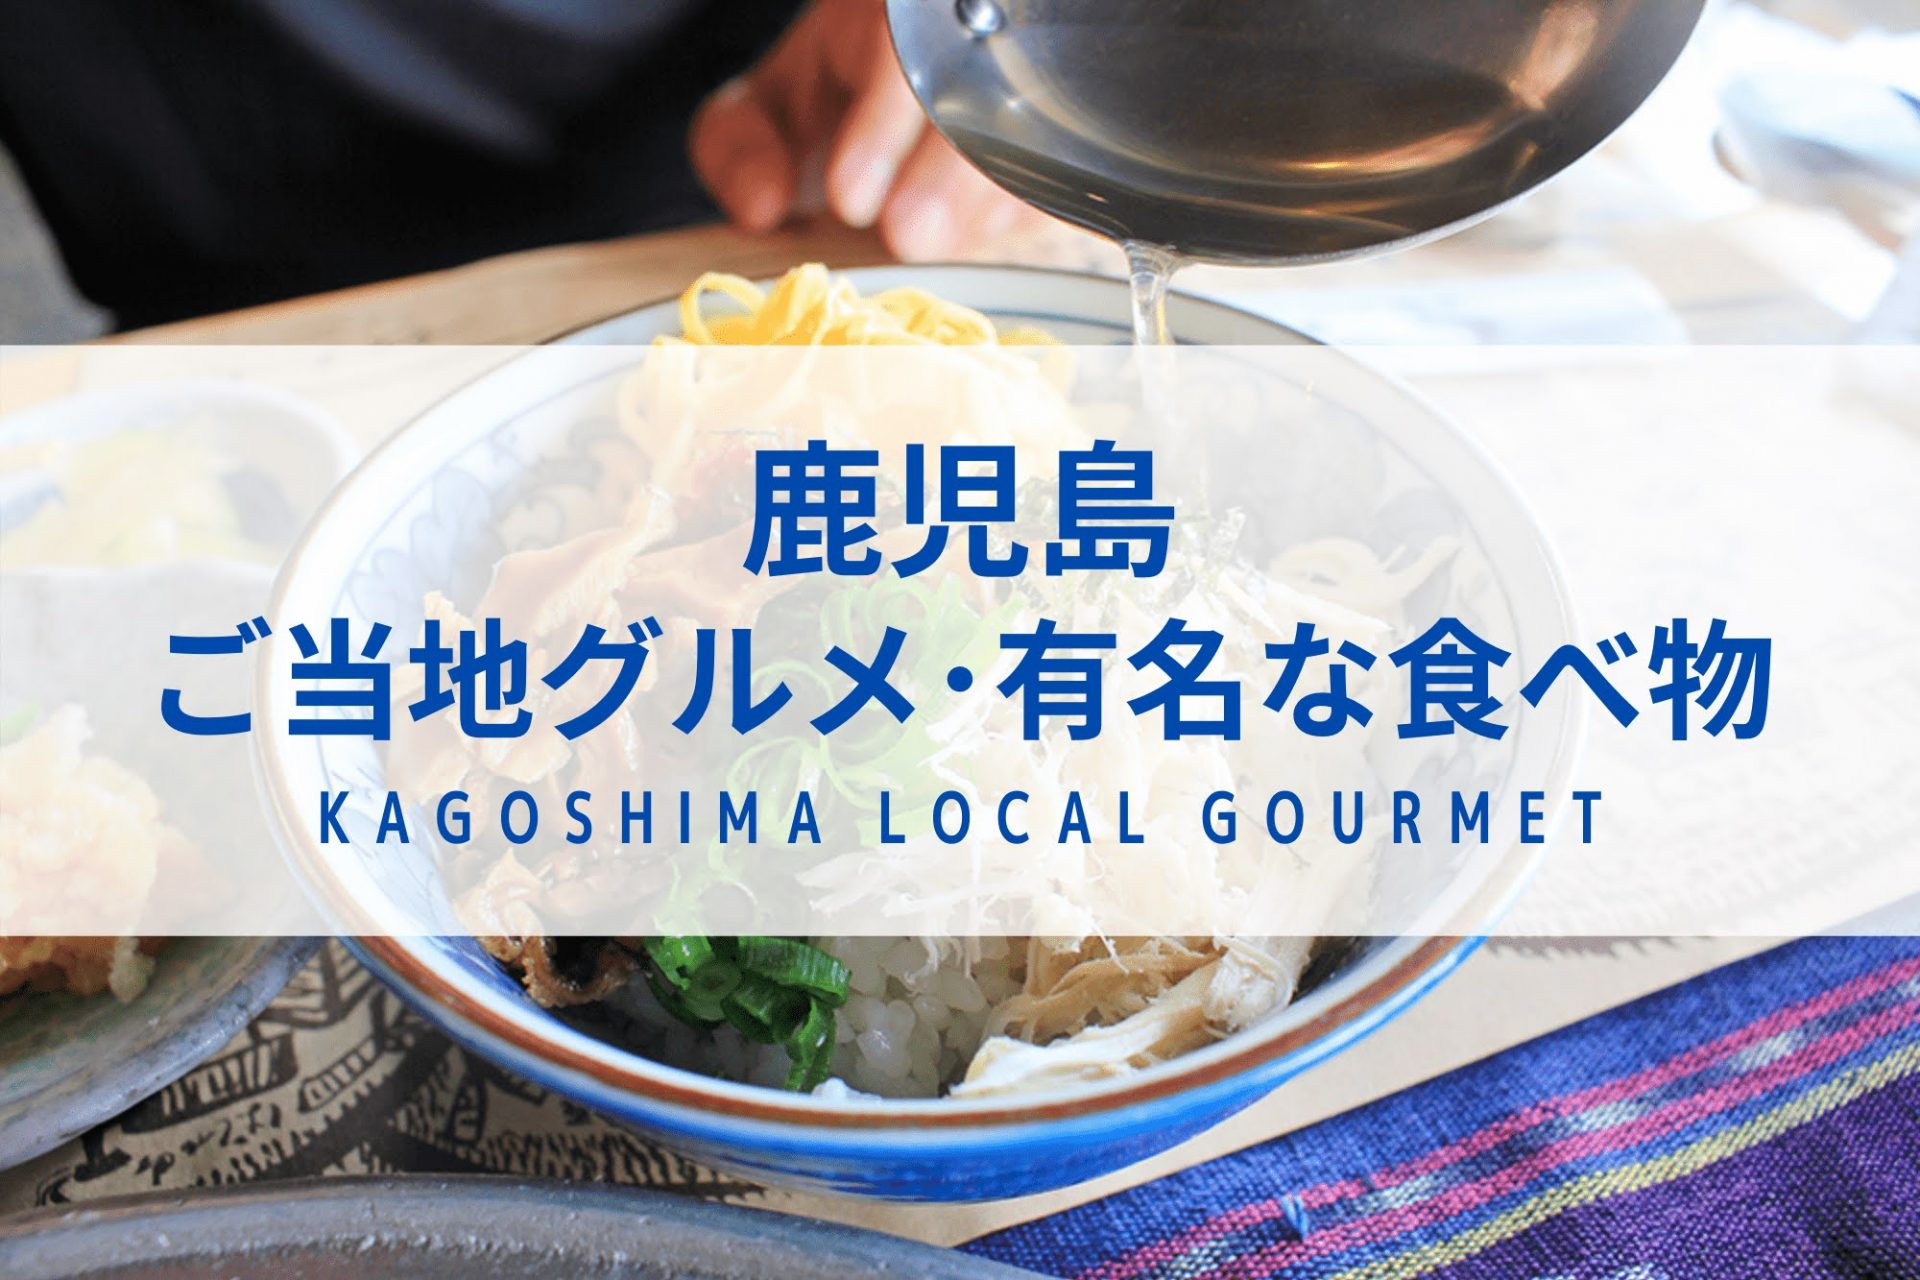 鹿児島 ご当地 グルメ 有名 な 食べ物 九州 観光 おすすめ 郷土 料理